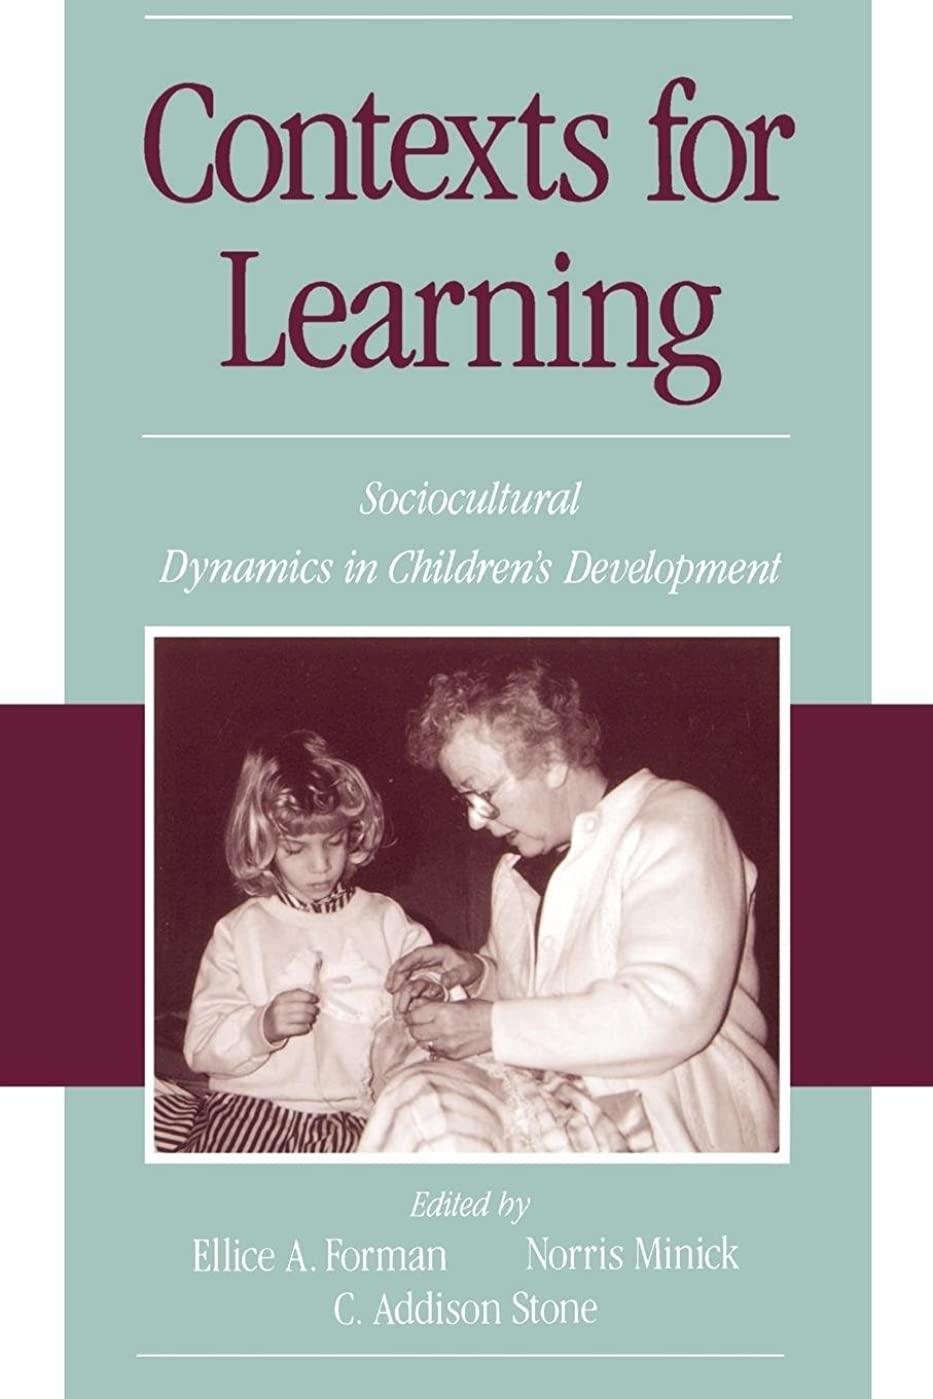 金銭的徒歩で反毒Contexts for Learning: Sociocultural Dynamics in Children's Development